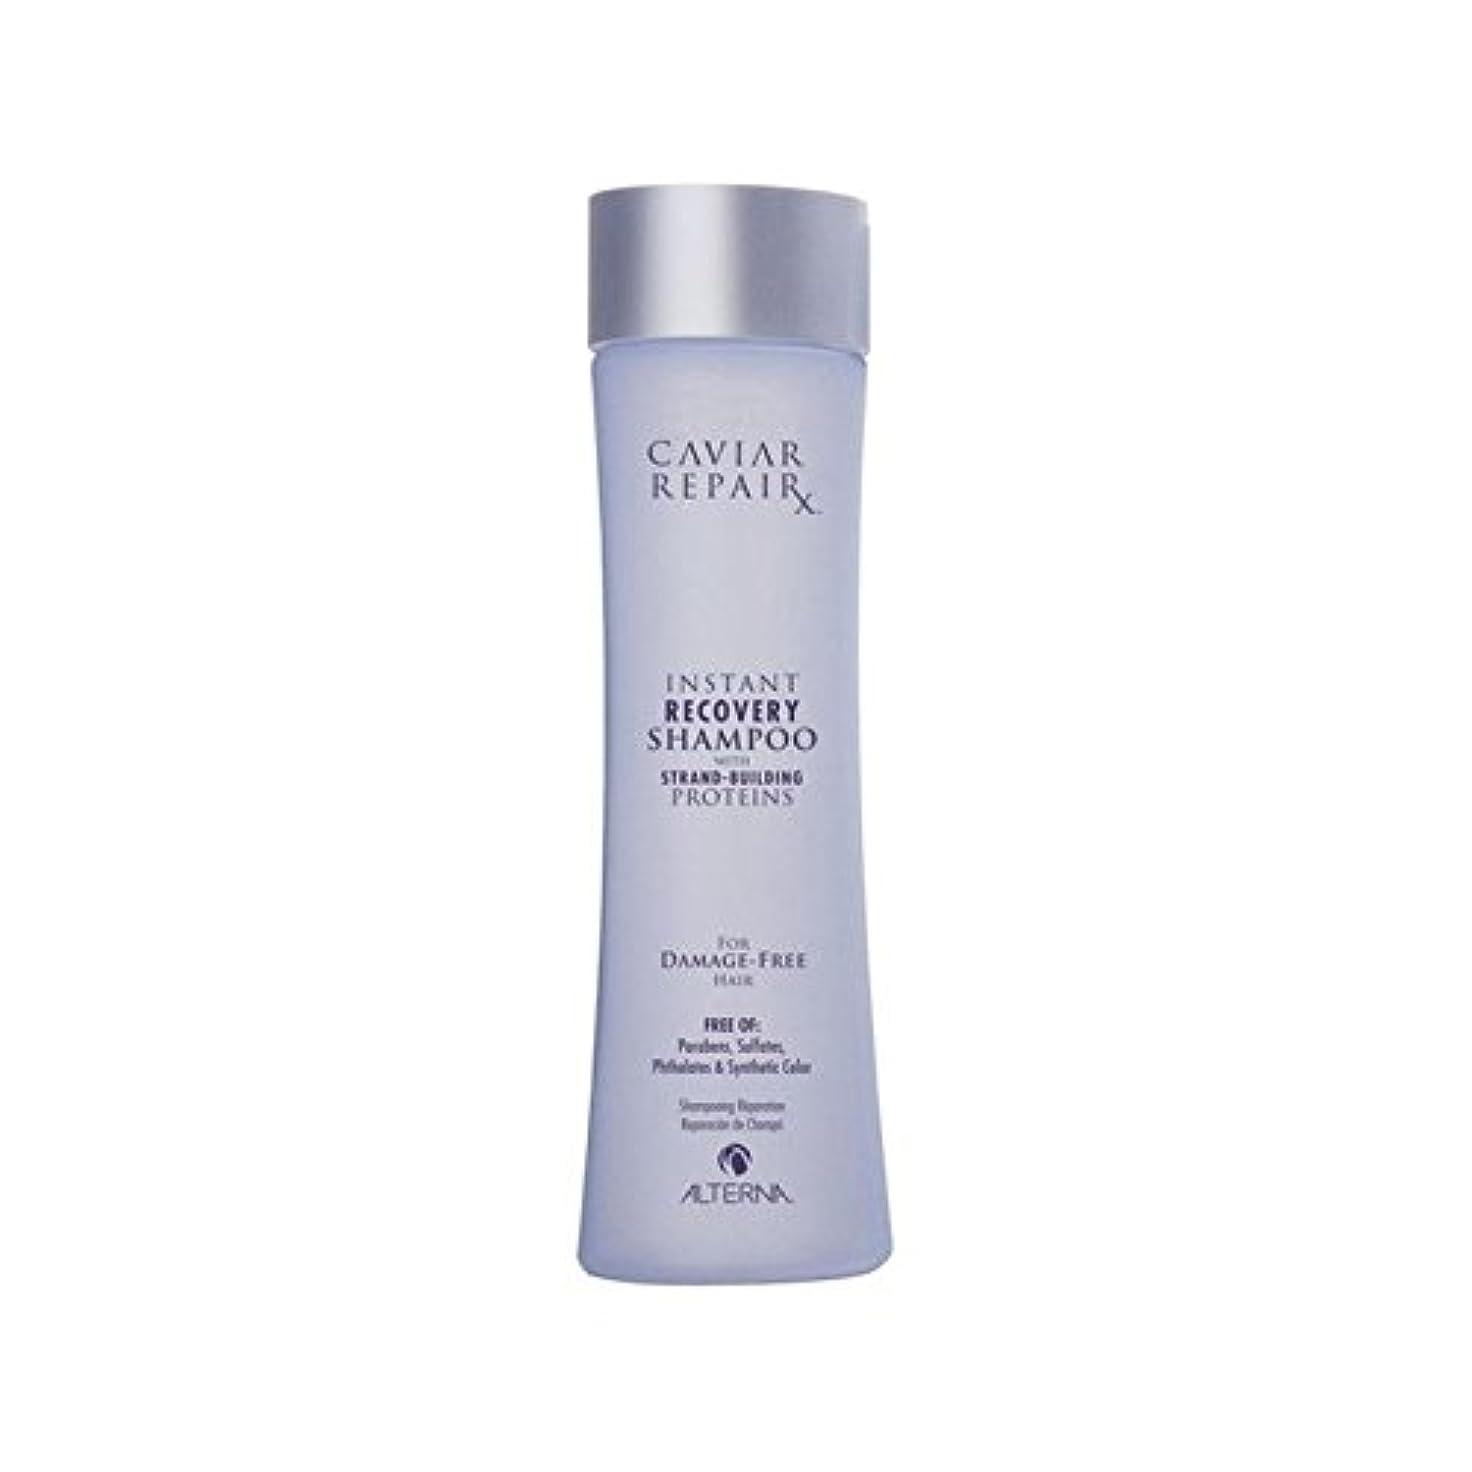 アクションうまれた持続するAlterna Caviar Repairx Instant Recovery Shampoo 250ml (Pack of 6) - オルタナキャビアインスタントリカバリシャンプー250 x6 [並行輸入品]